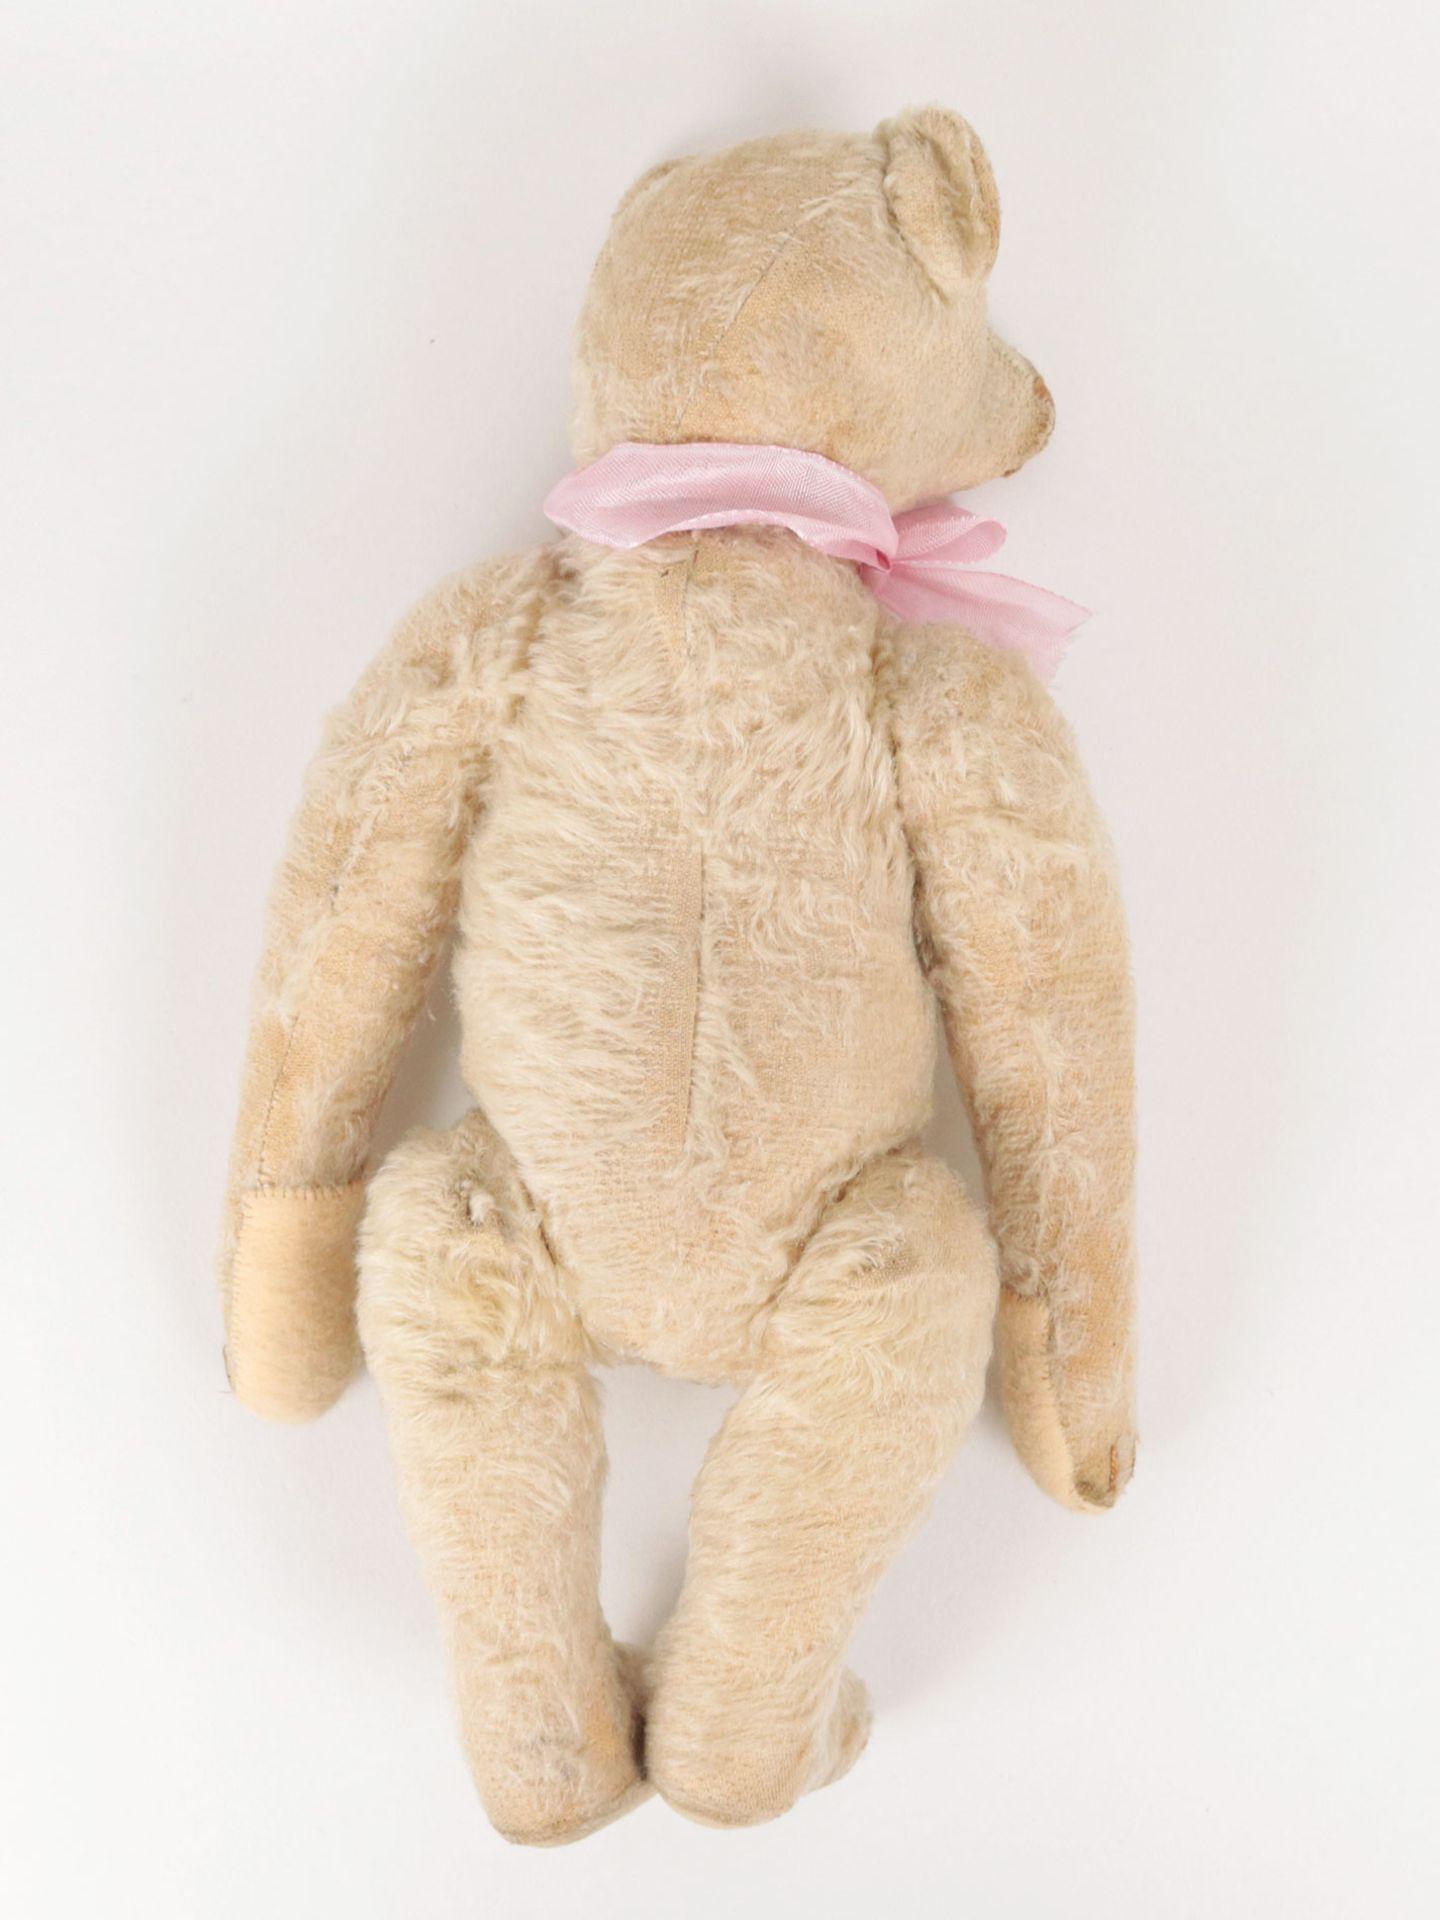 Steiff – Teddybär um 1930, Knopf im Ohr (mit heruntergezogenem 'f'), heller Mohairb - Image 6 of 7